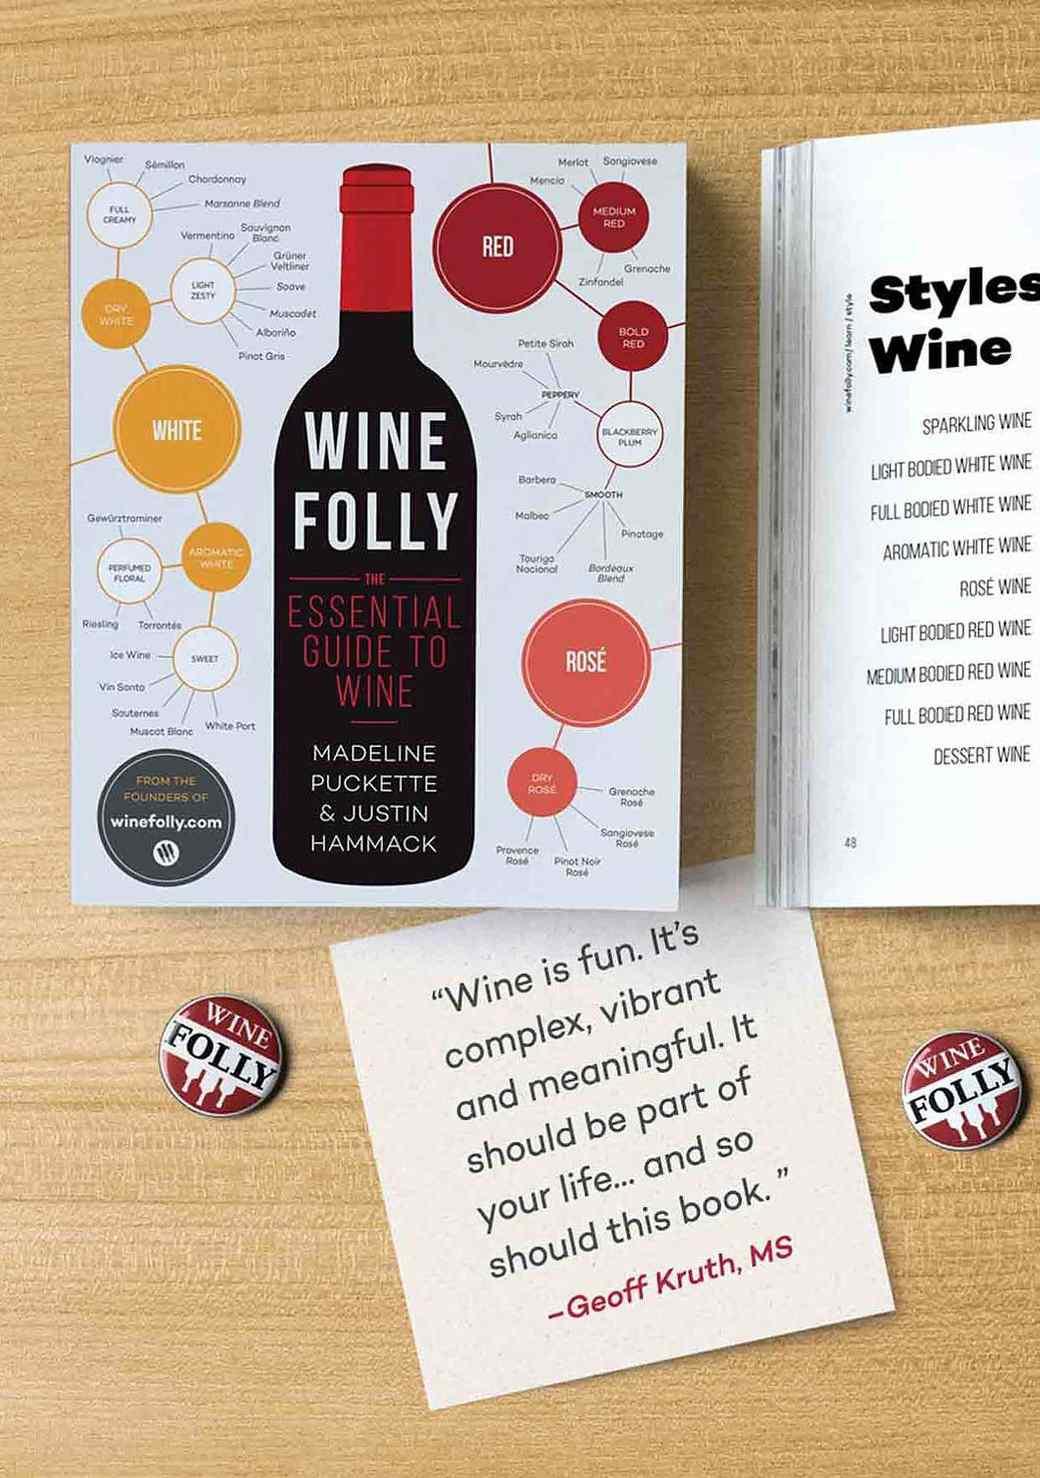 wine-folly-book-1215.jpg (skyword:209277)